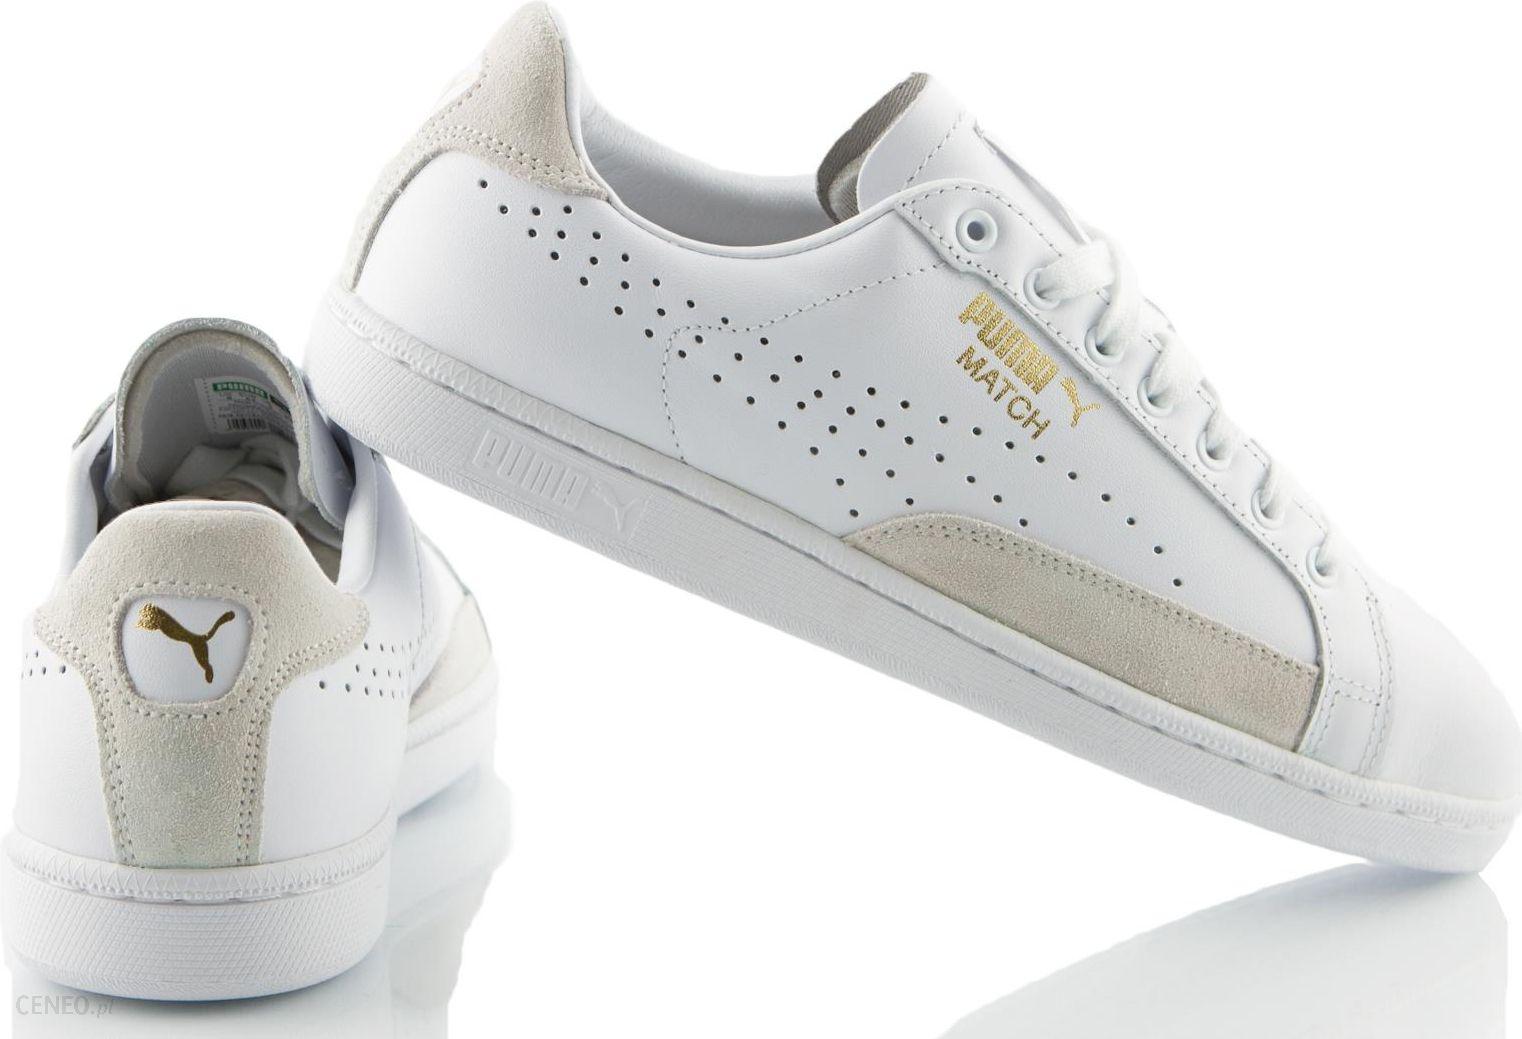 930a277dab1554 PUMA buty męskie MATCH 74 UPC skóra NOWOŚĆ r 42 - Ceny i opinie ...